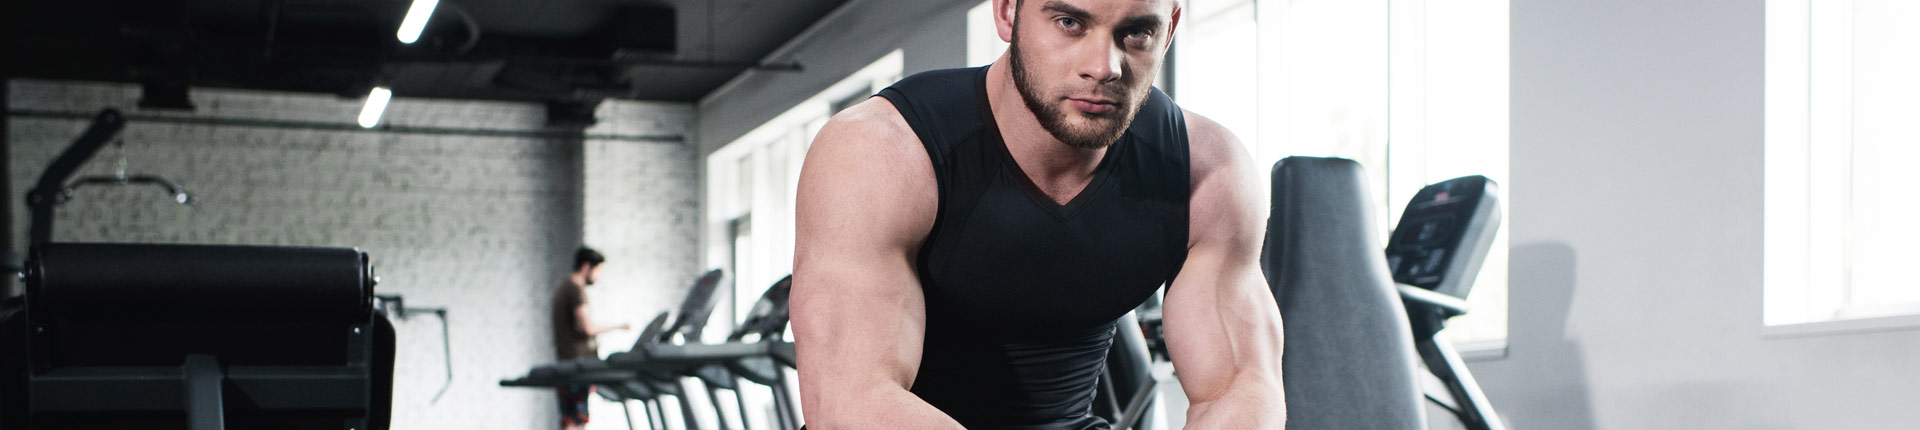 Zastój w wynikach treningowych, jak go pokonać?